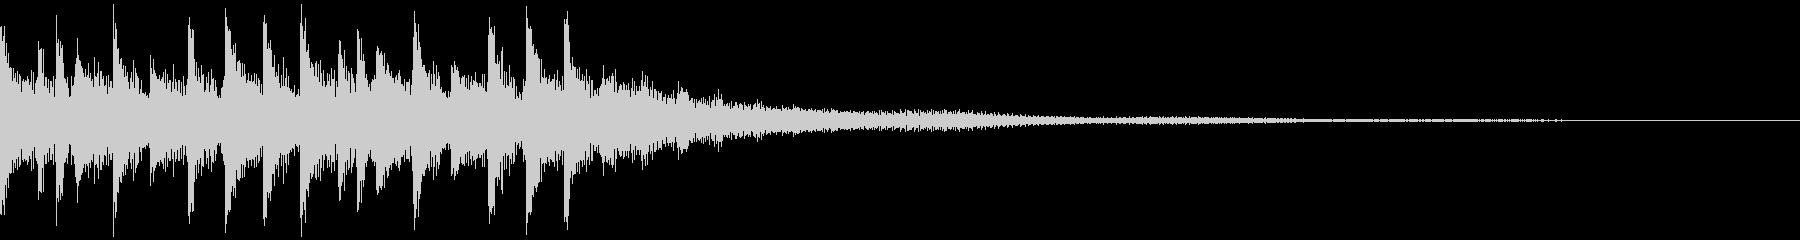 キャッチーEDM・ADMジングル9の未再生の波形